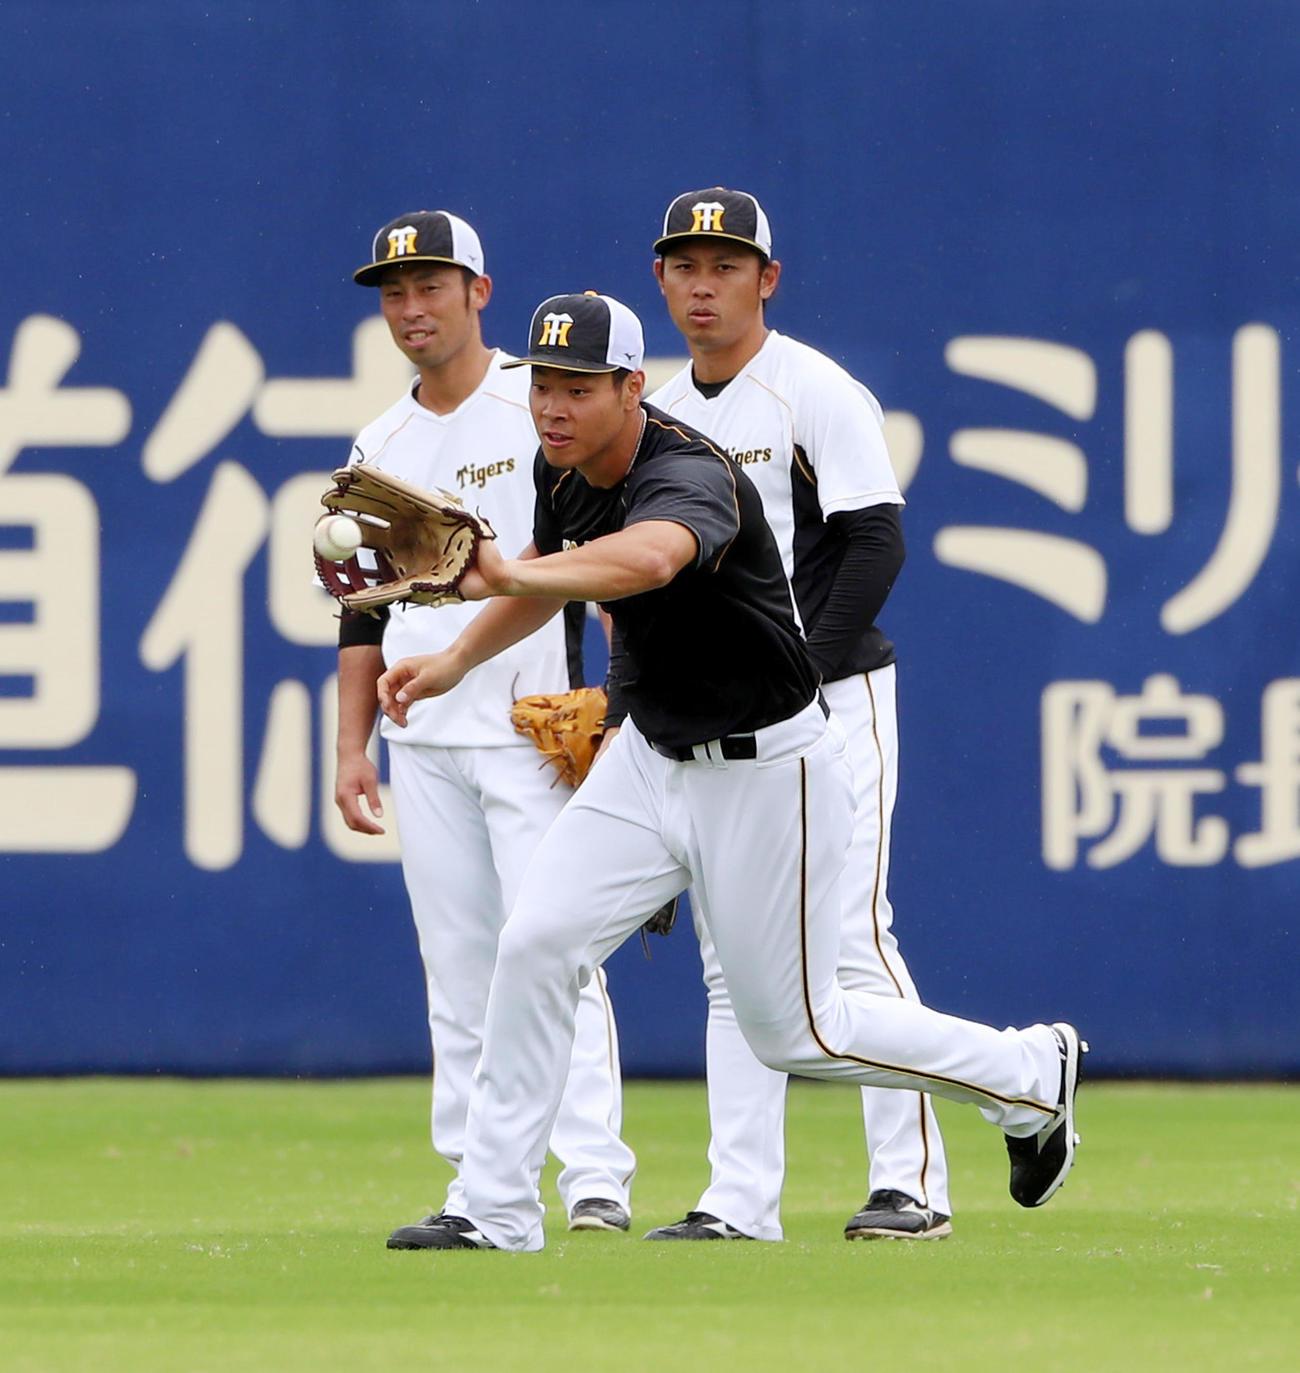 外野でノックを受ける佐藤輝。左は江越、右は高山(2021年9月17日撮影)